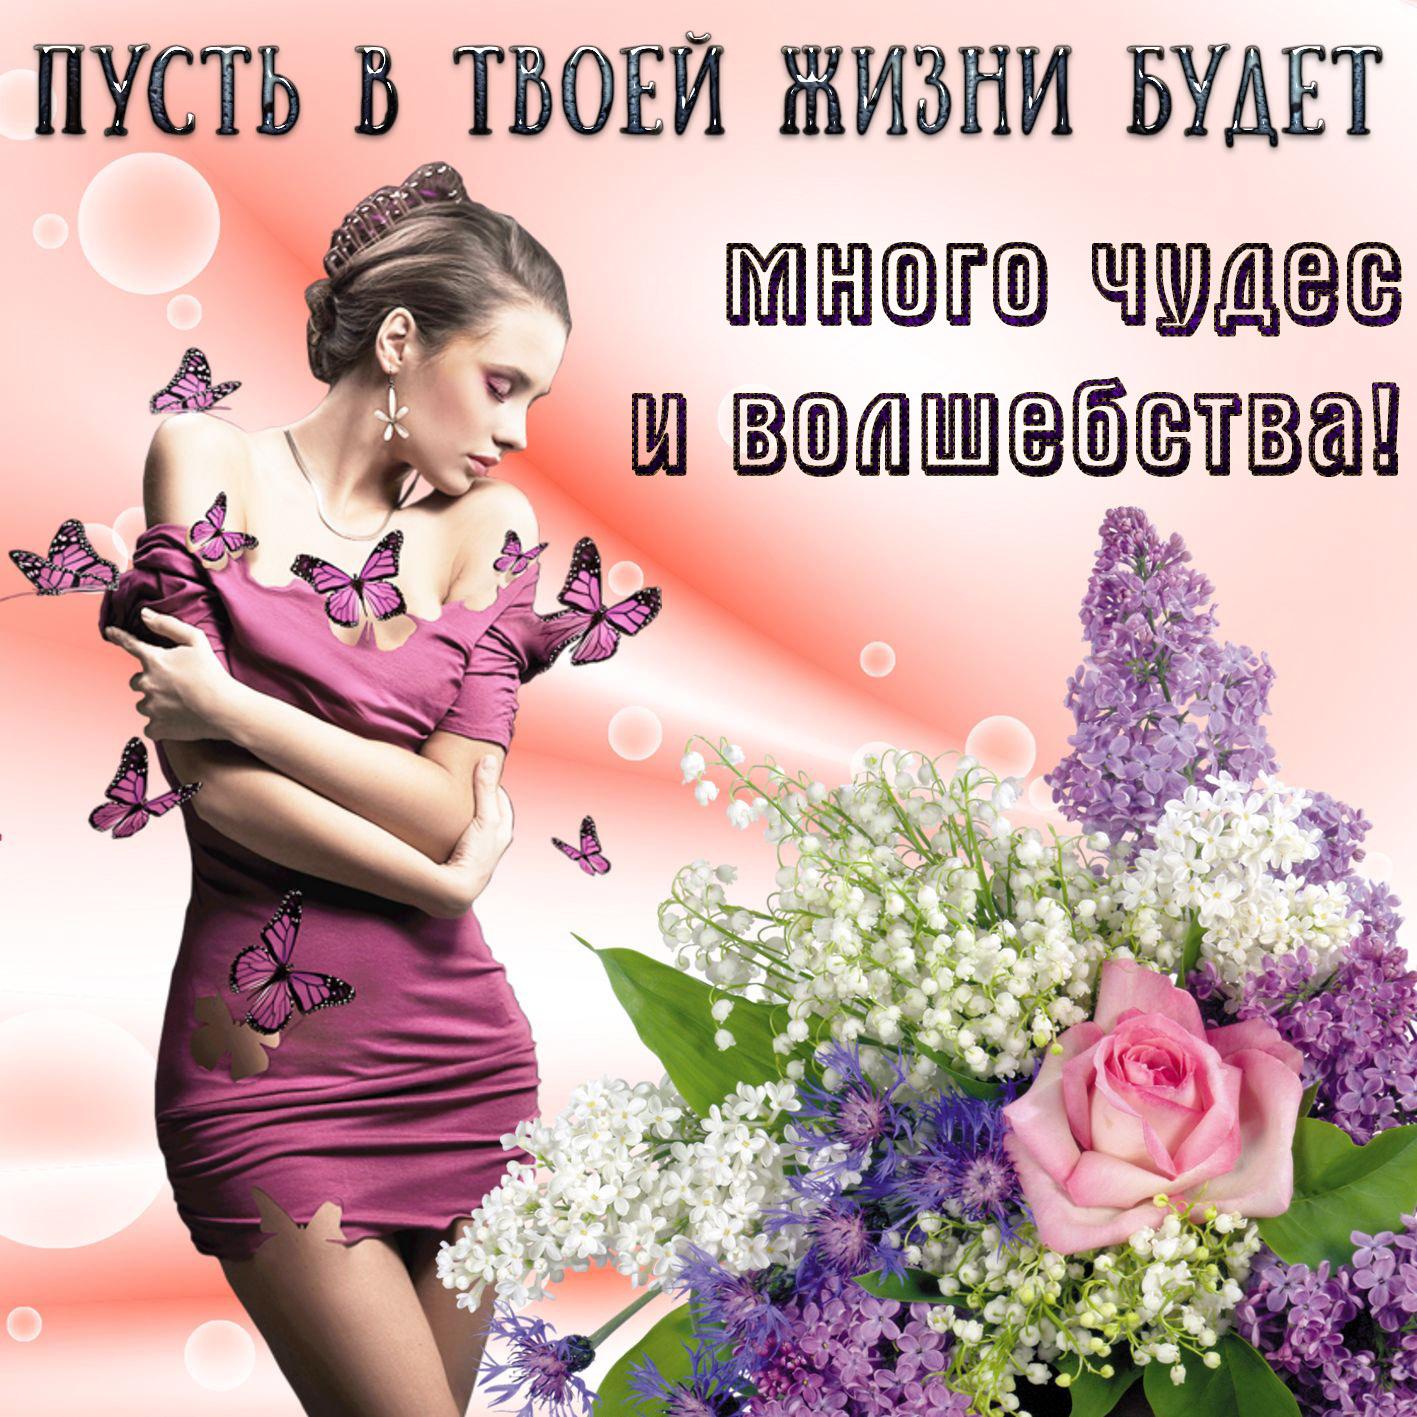 Пожелания девушке в открытке